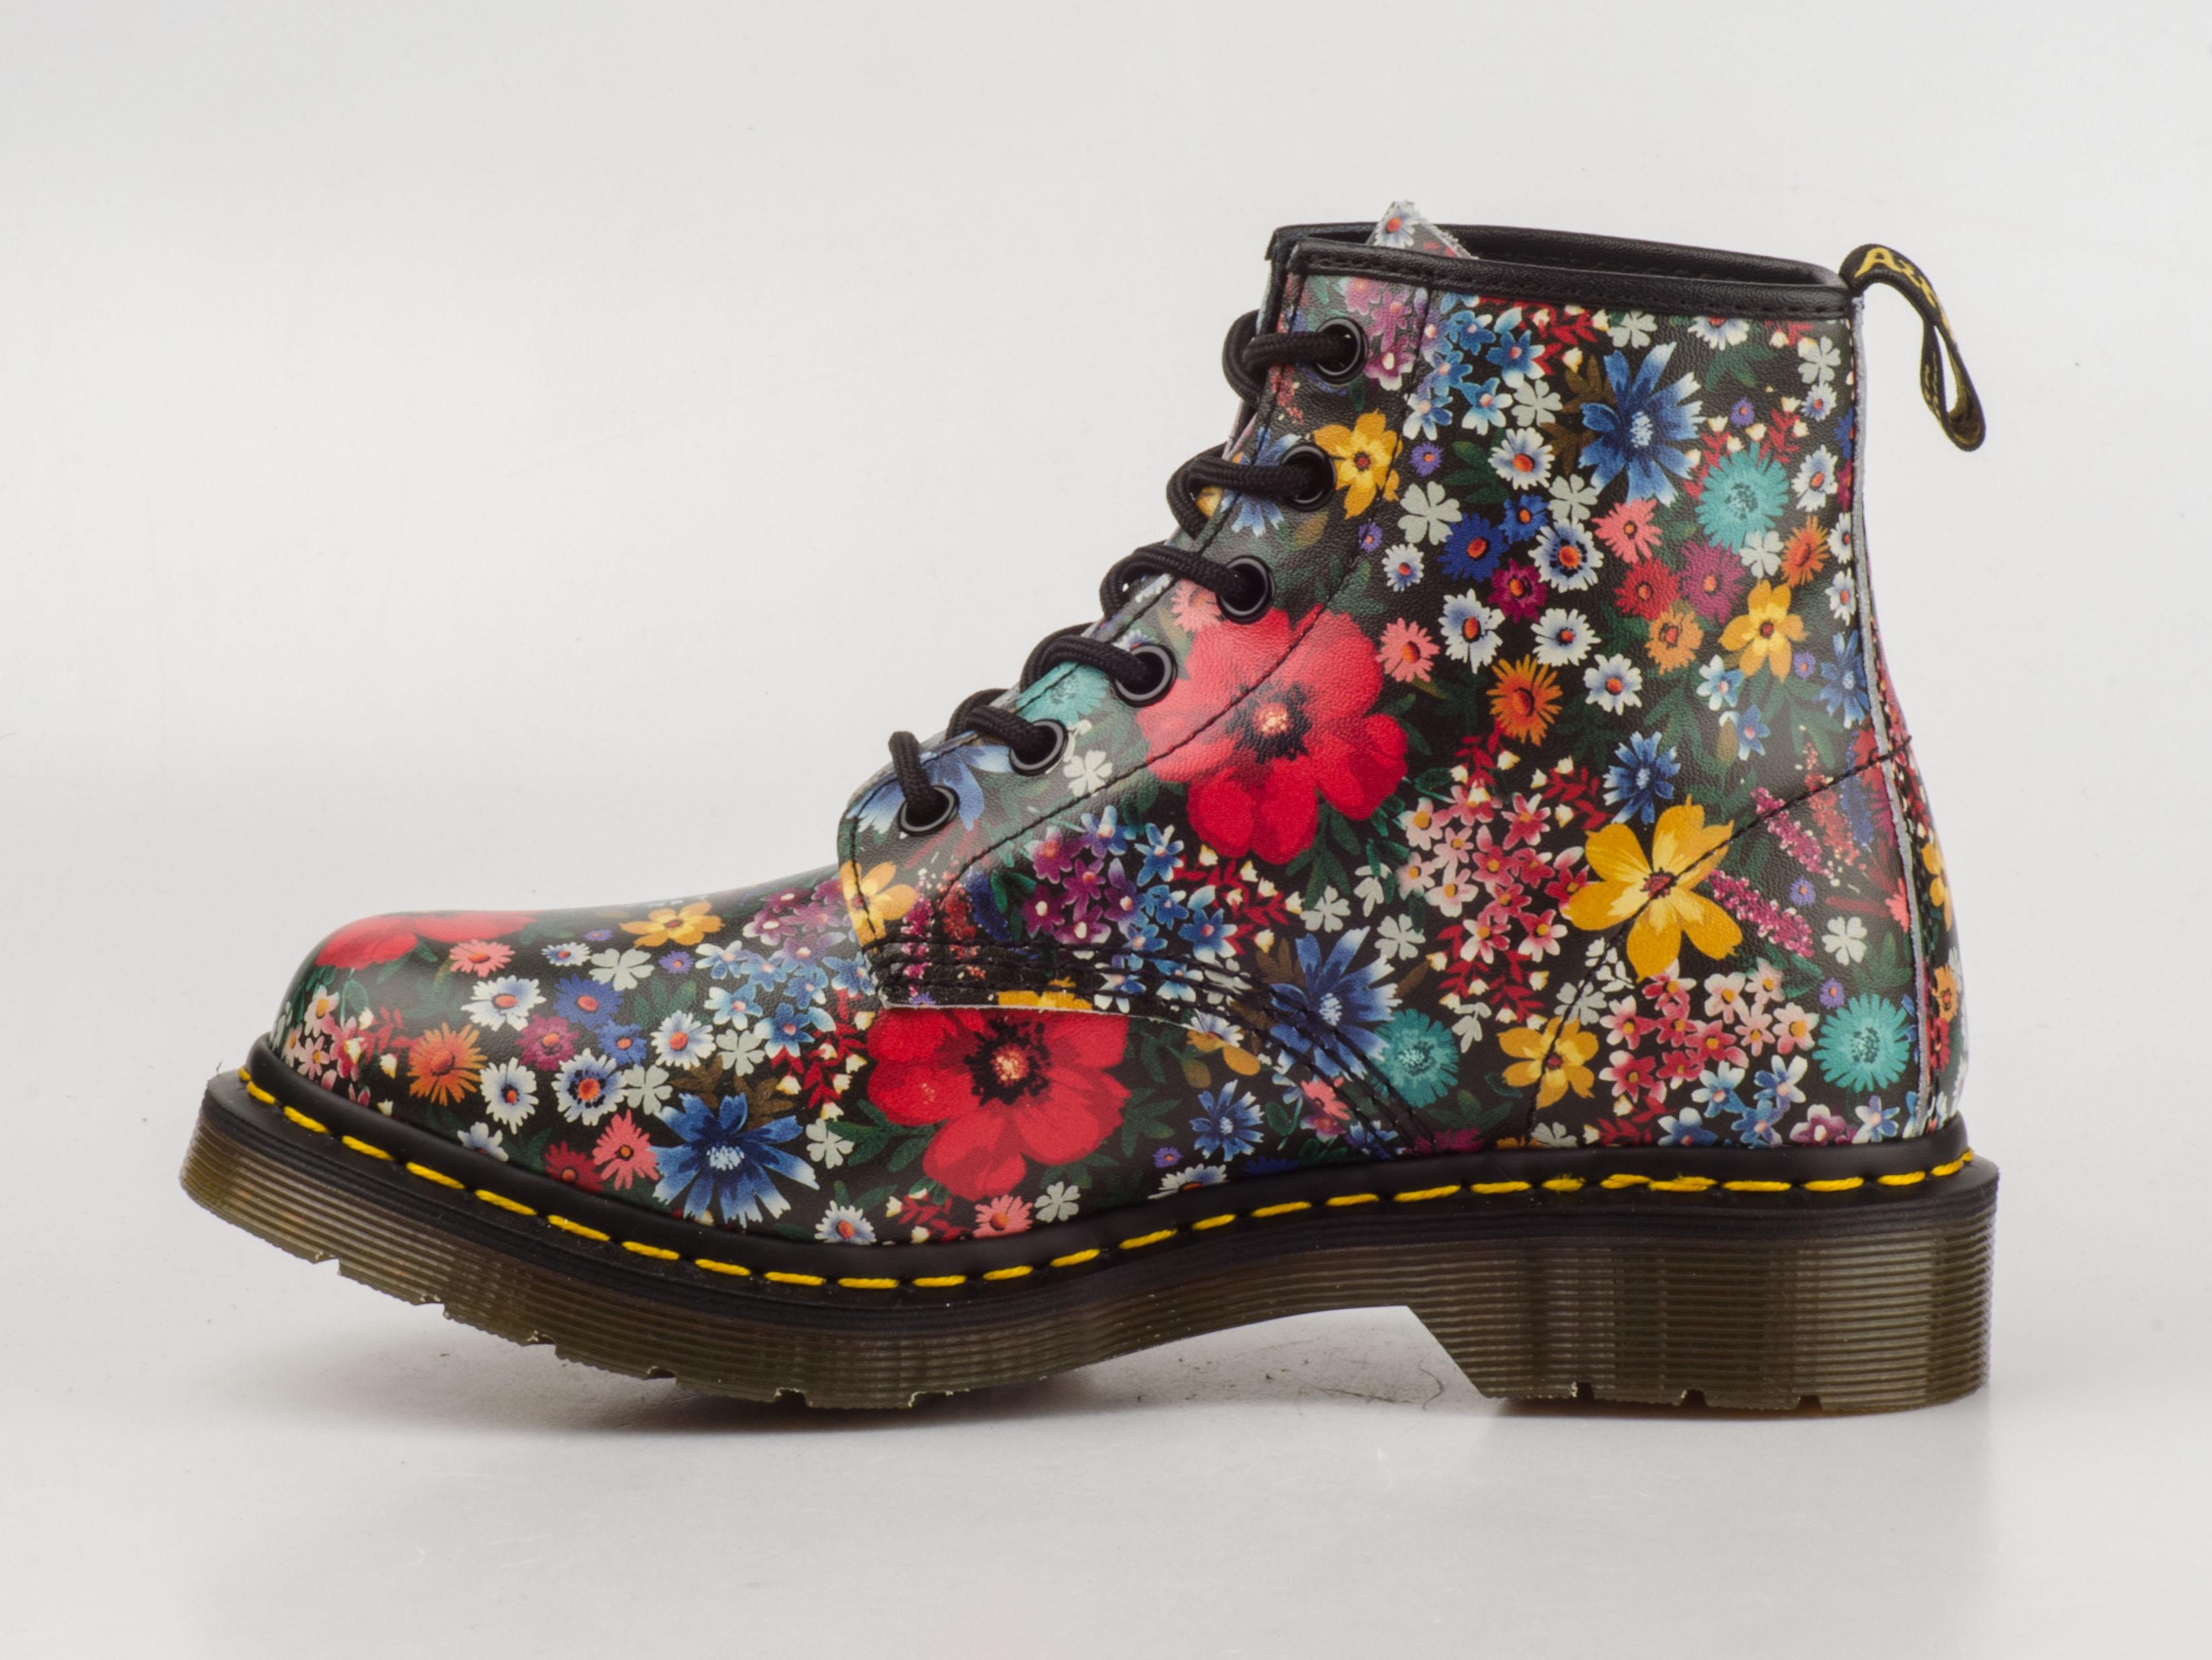 dr doc martens 6 loch stiefel boots 16122102 wanderlust. Black Bedroom Furniture Sets. Home Design Ideas